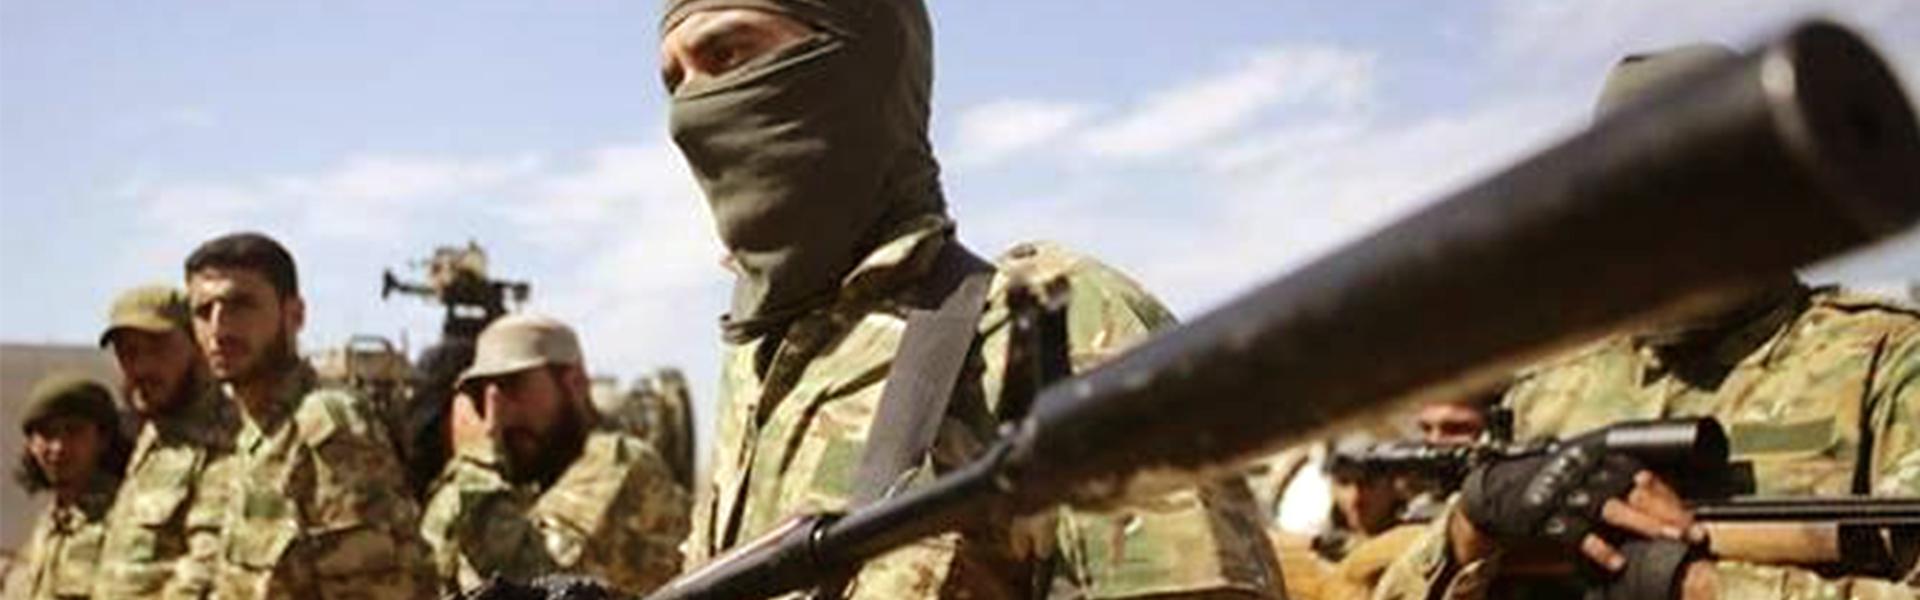 Война в Закавказье: что это значит для русских?